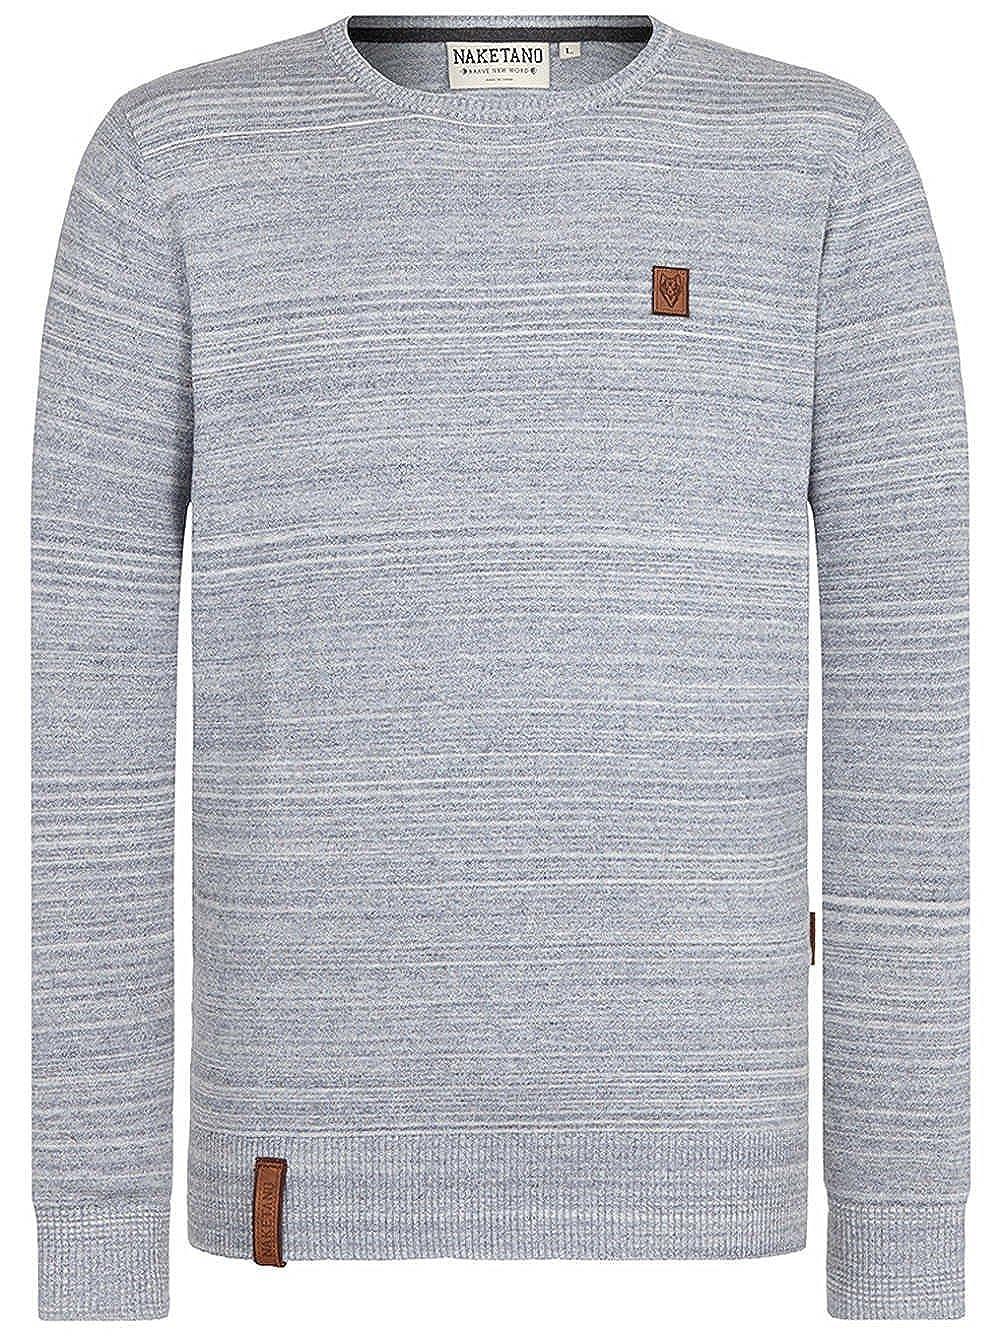 Naketano Men's Knit Sweater MDMA Macht aha 1730-2024